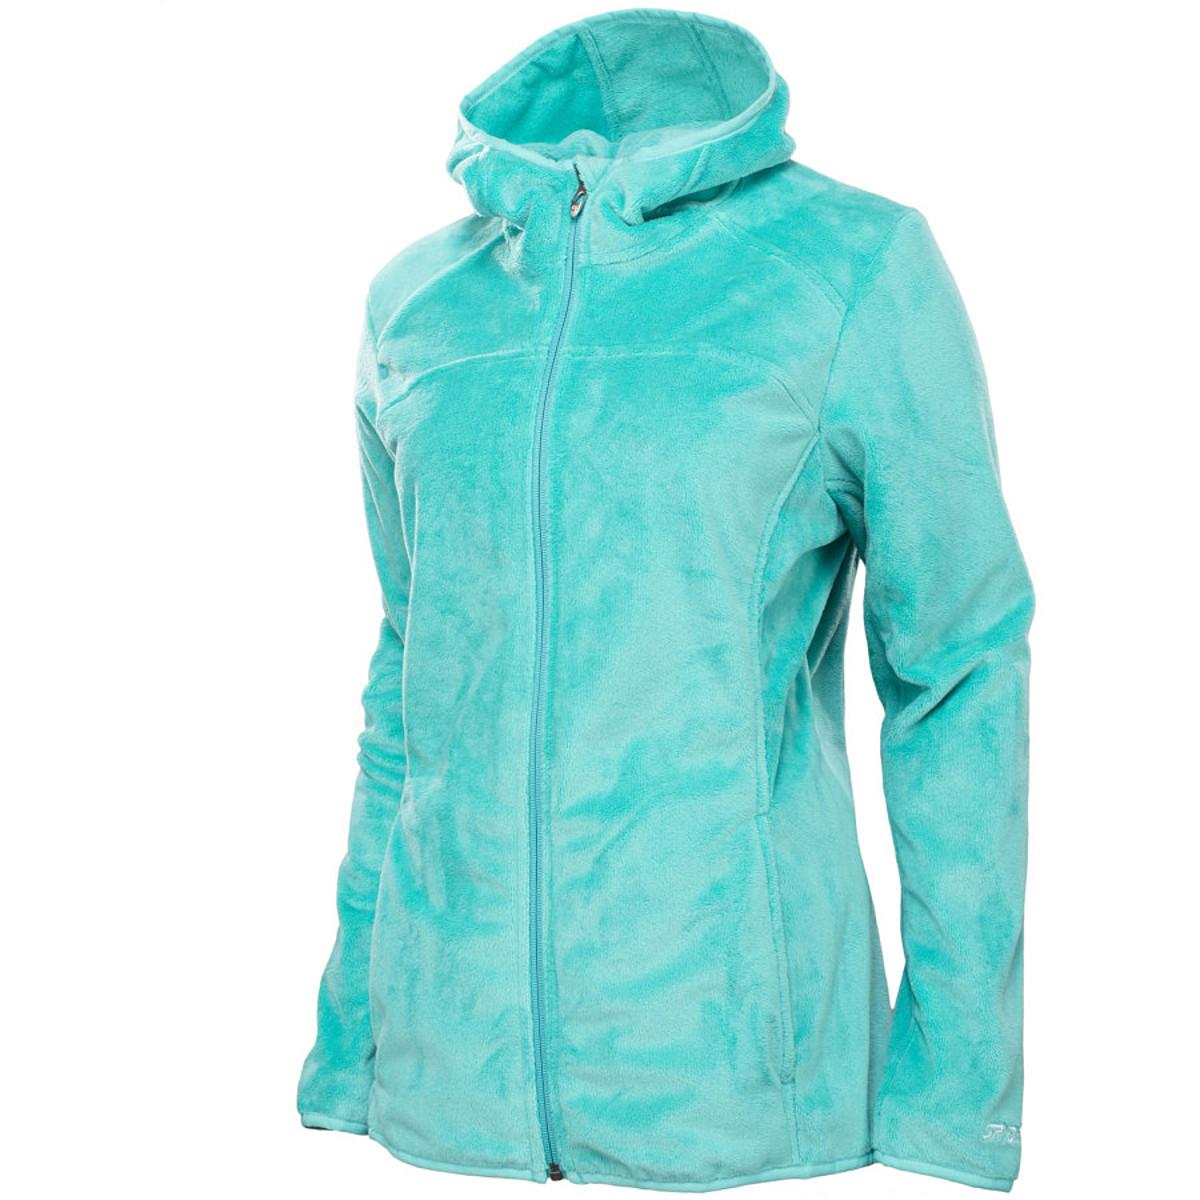 Spyder Damsel Hoody Fleece Jacket